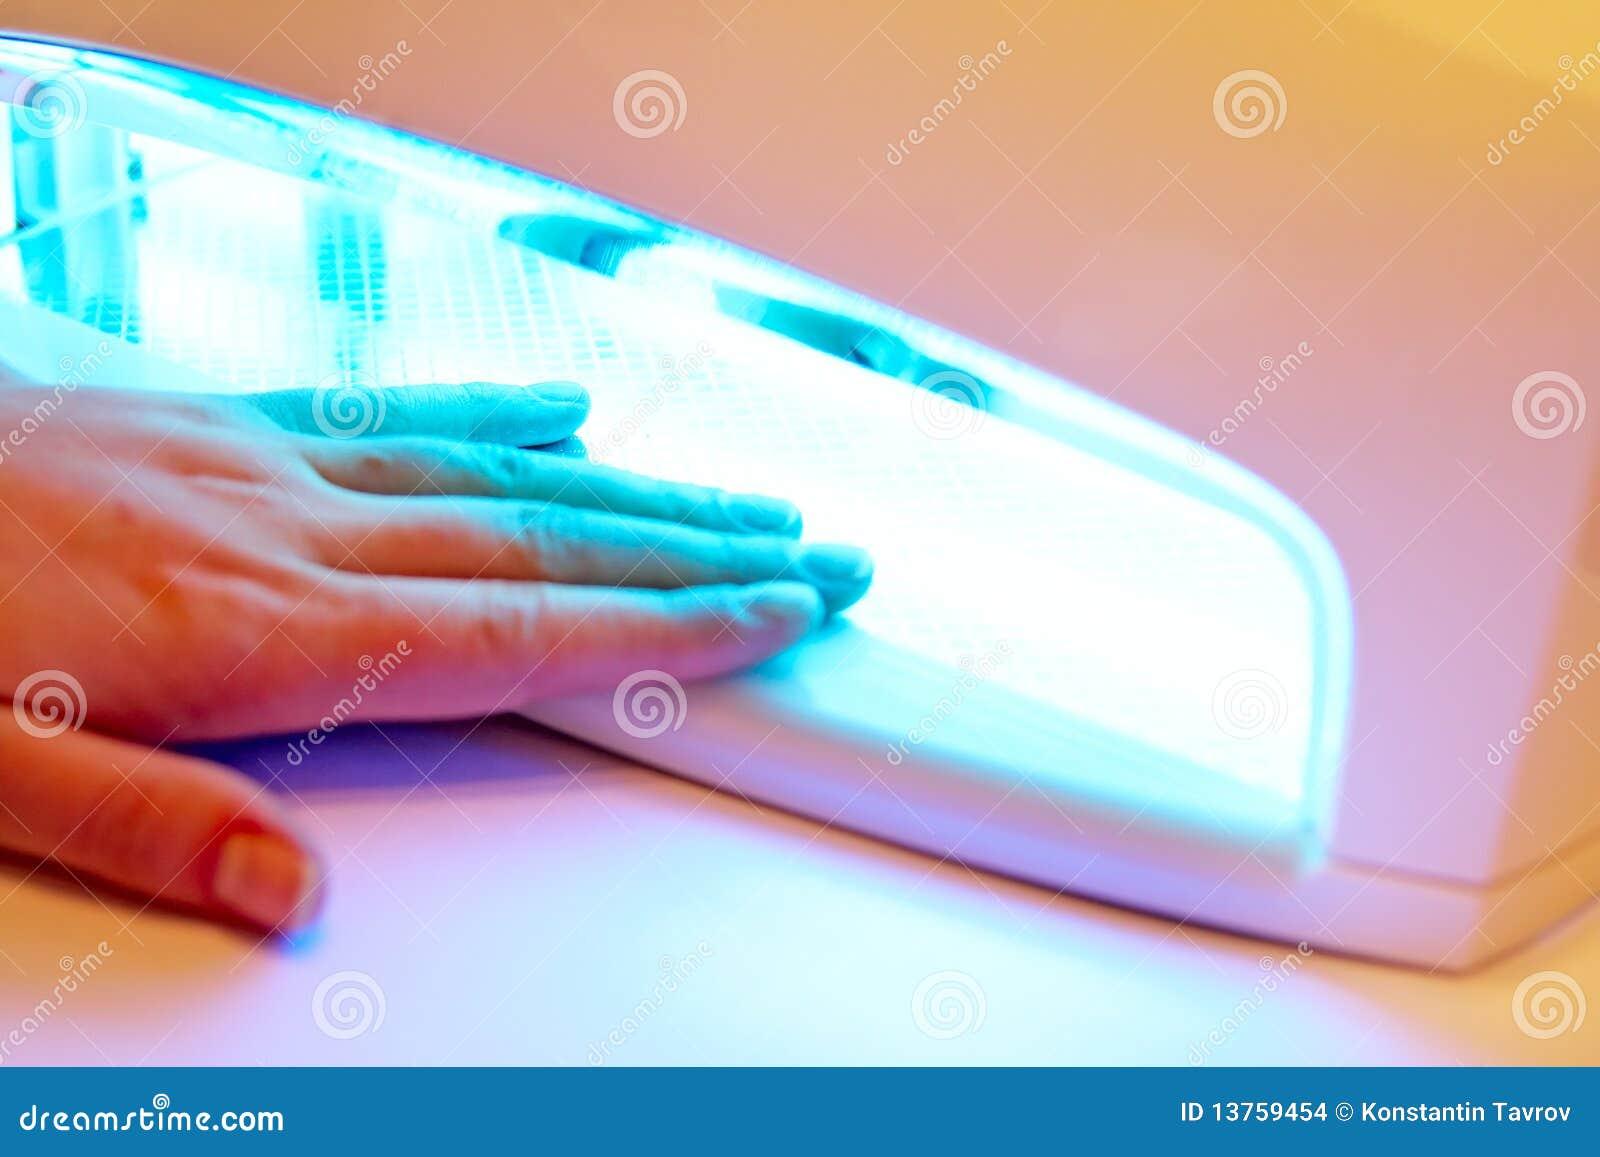 Manucure sur les mains femelles